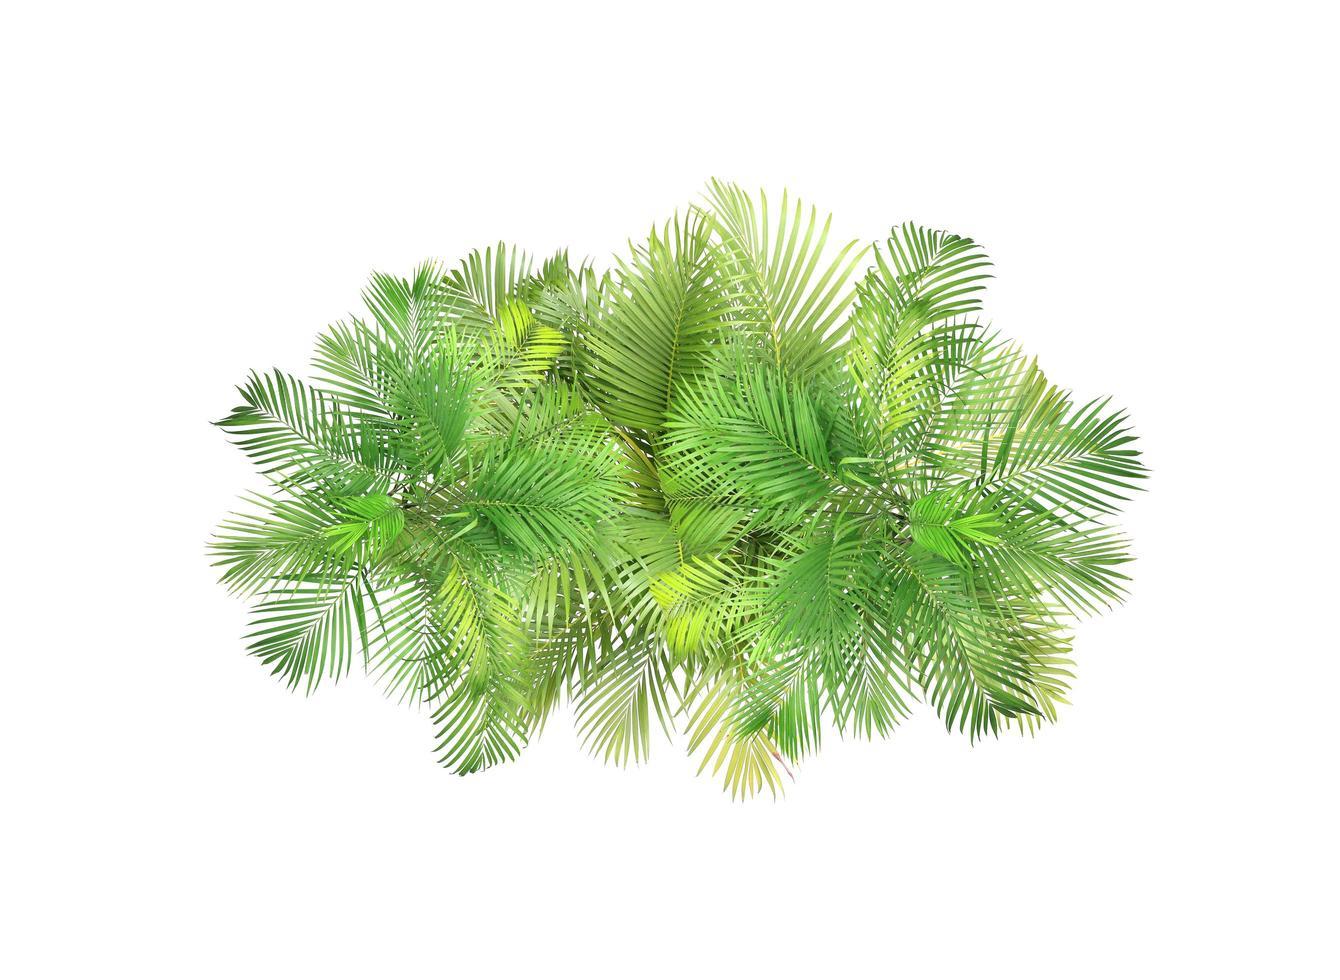 vista dall'alto di foglie di palma foto